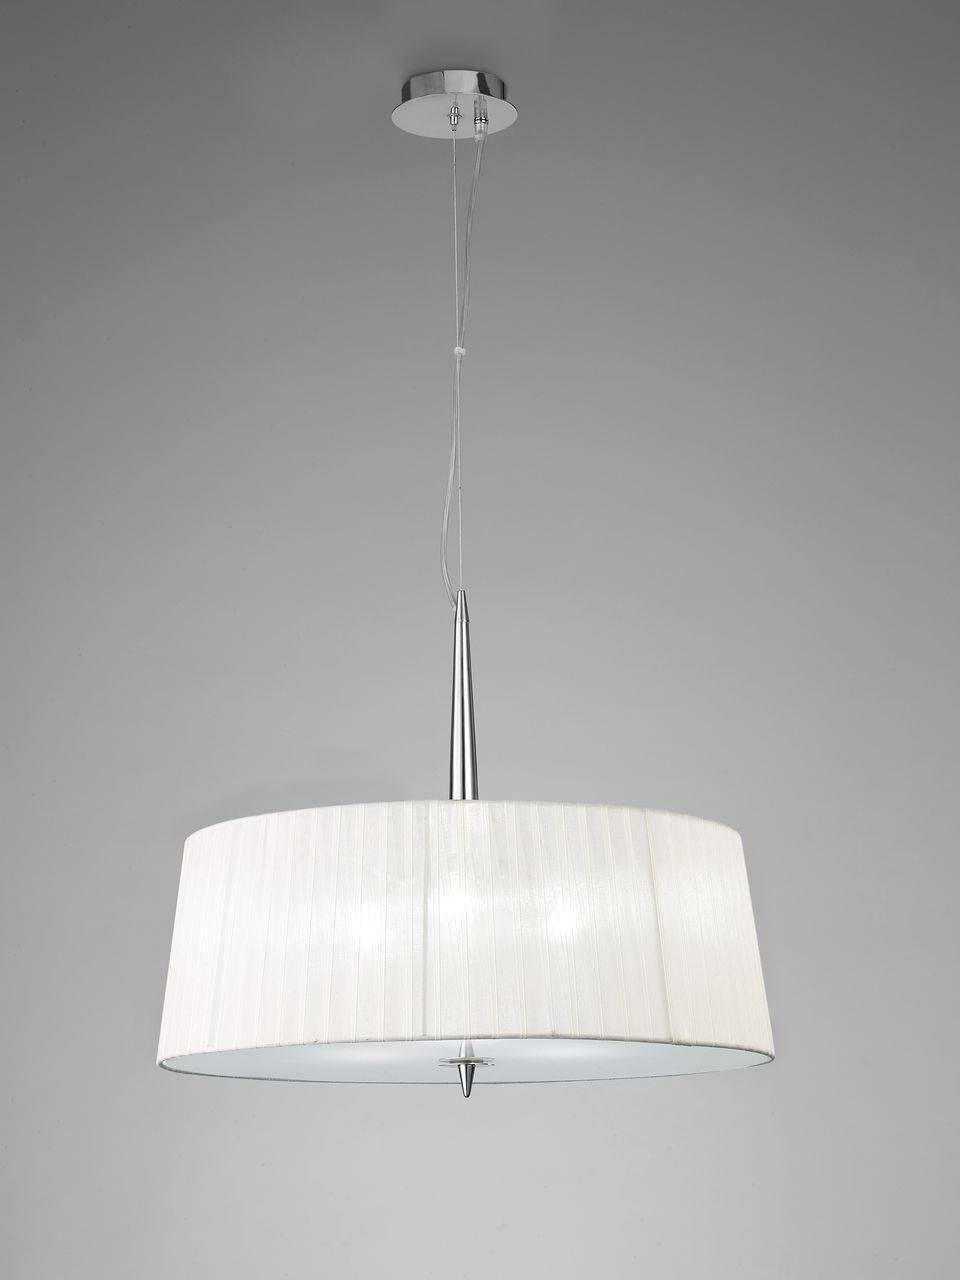 Подвесной светильник Mantra Loewe 4639 mantra 4639